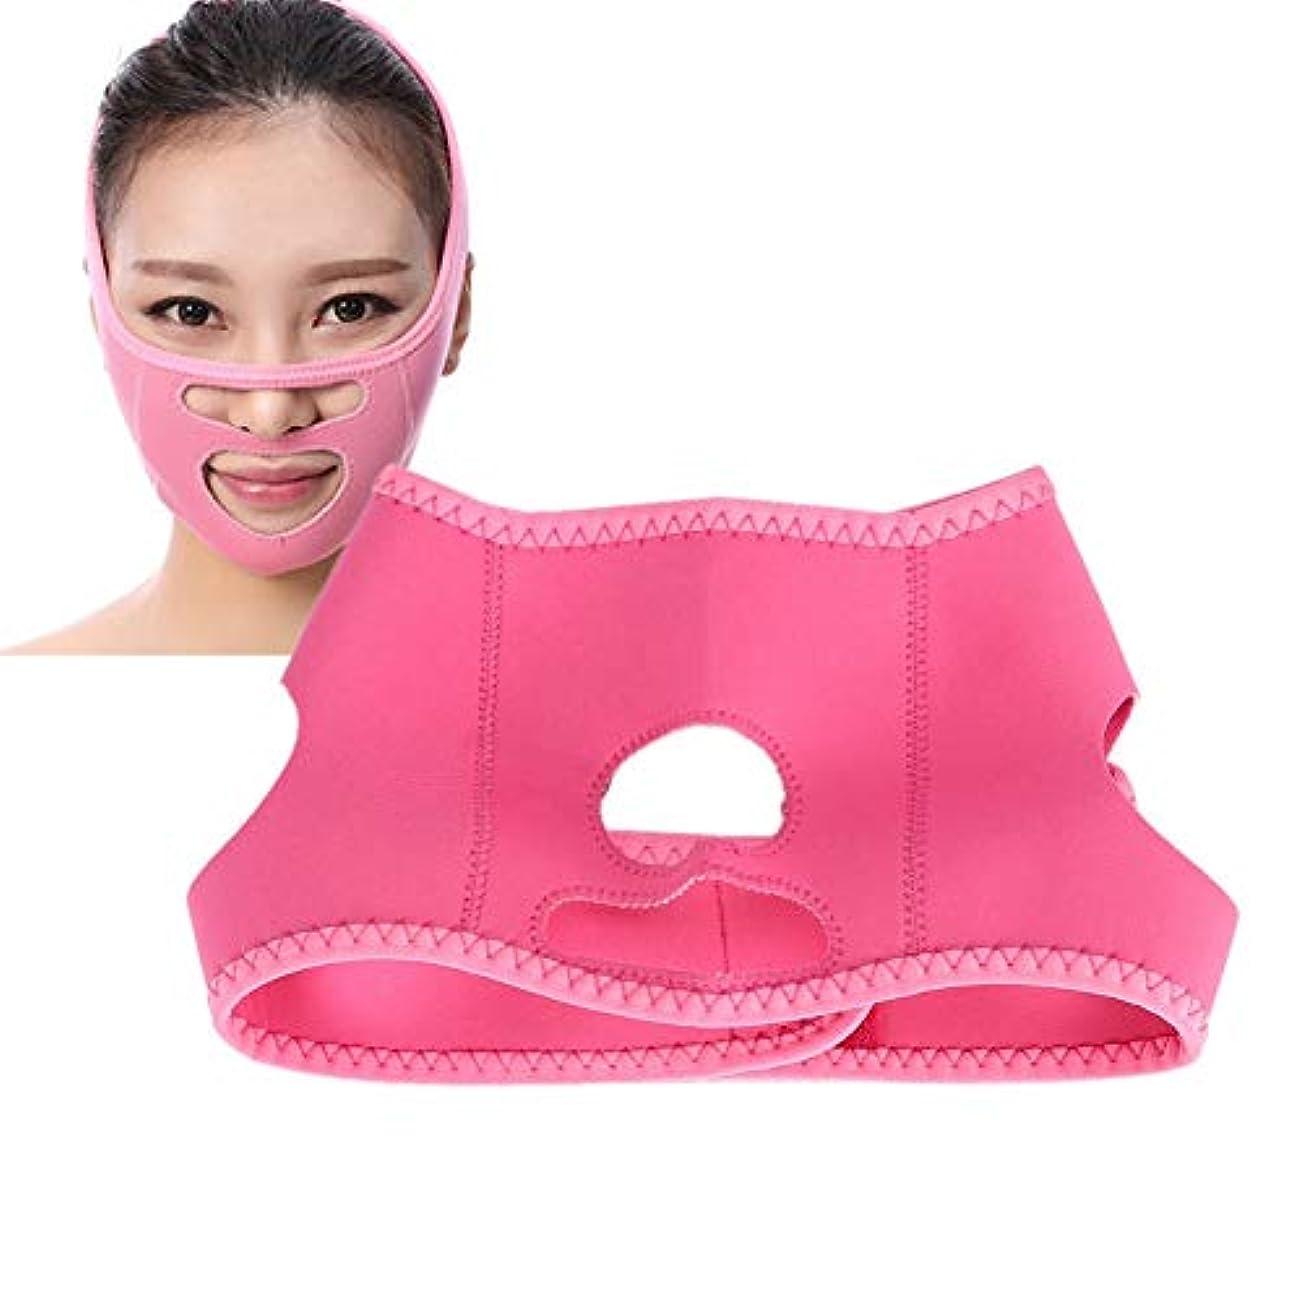 電池告白するメイトフェイスマスク 低反発素材 通気 小顔 矯正 顔痩せ 筋肉弛緩 二重あご 補正ベルト